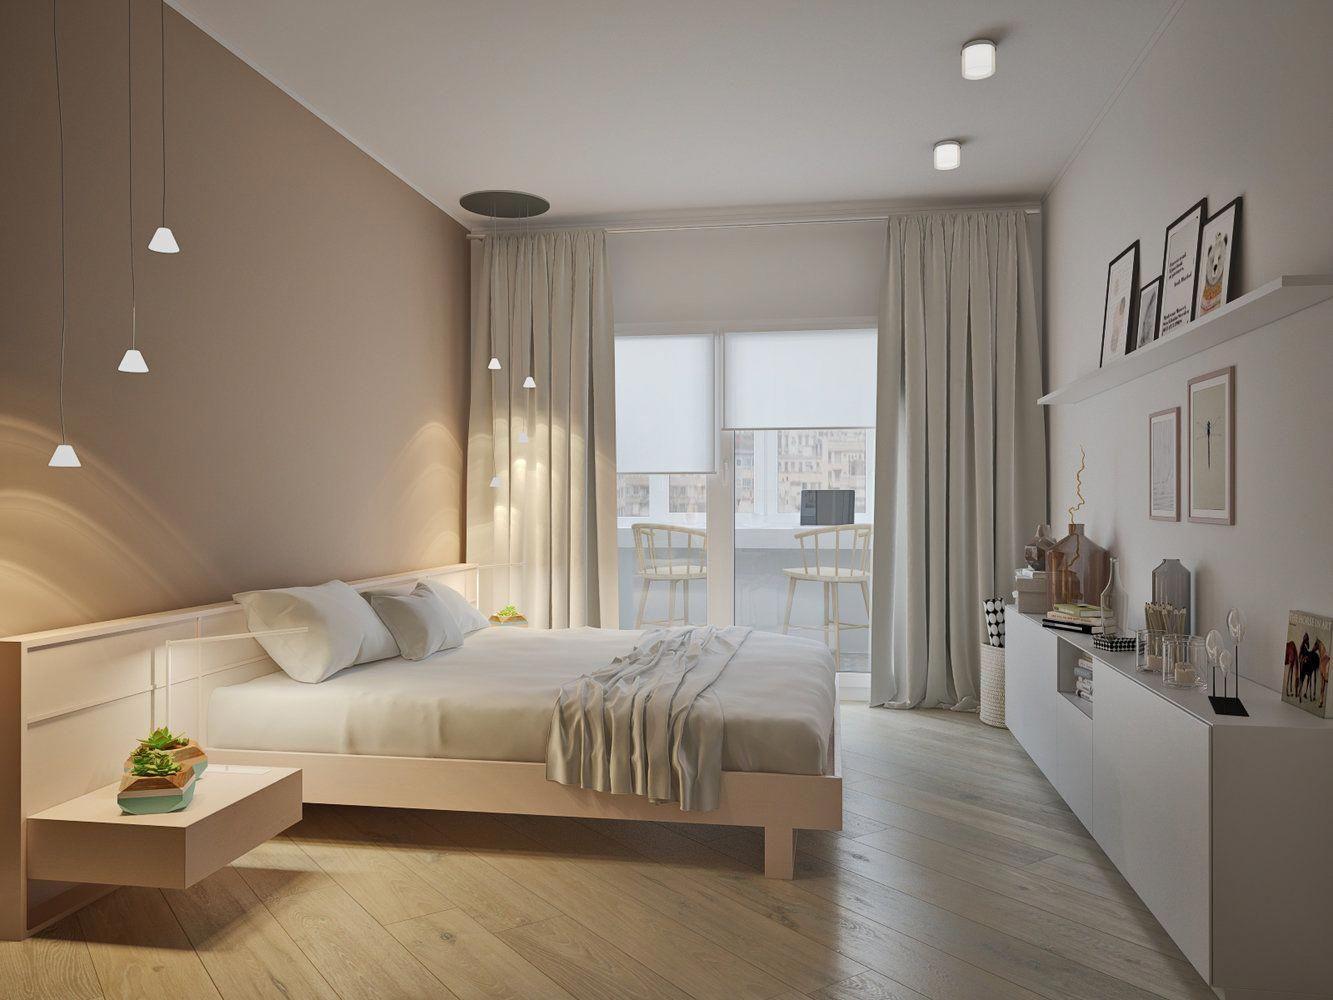 Tips To Buying Furniture For Your Home Idee Camera Da Letto Moderna Camera Da Letto Beige Arredamento D Interni